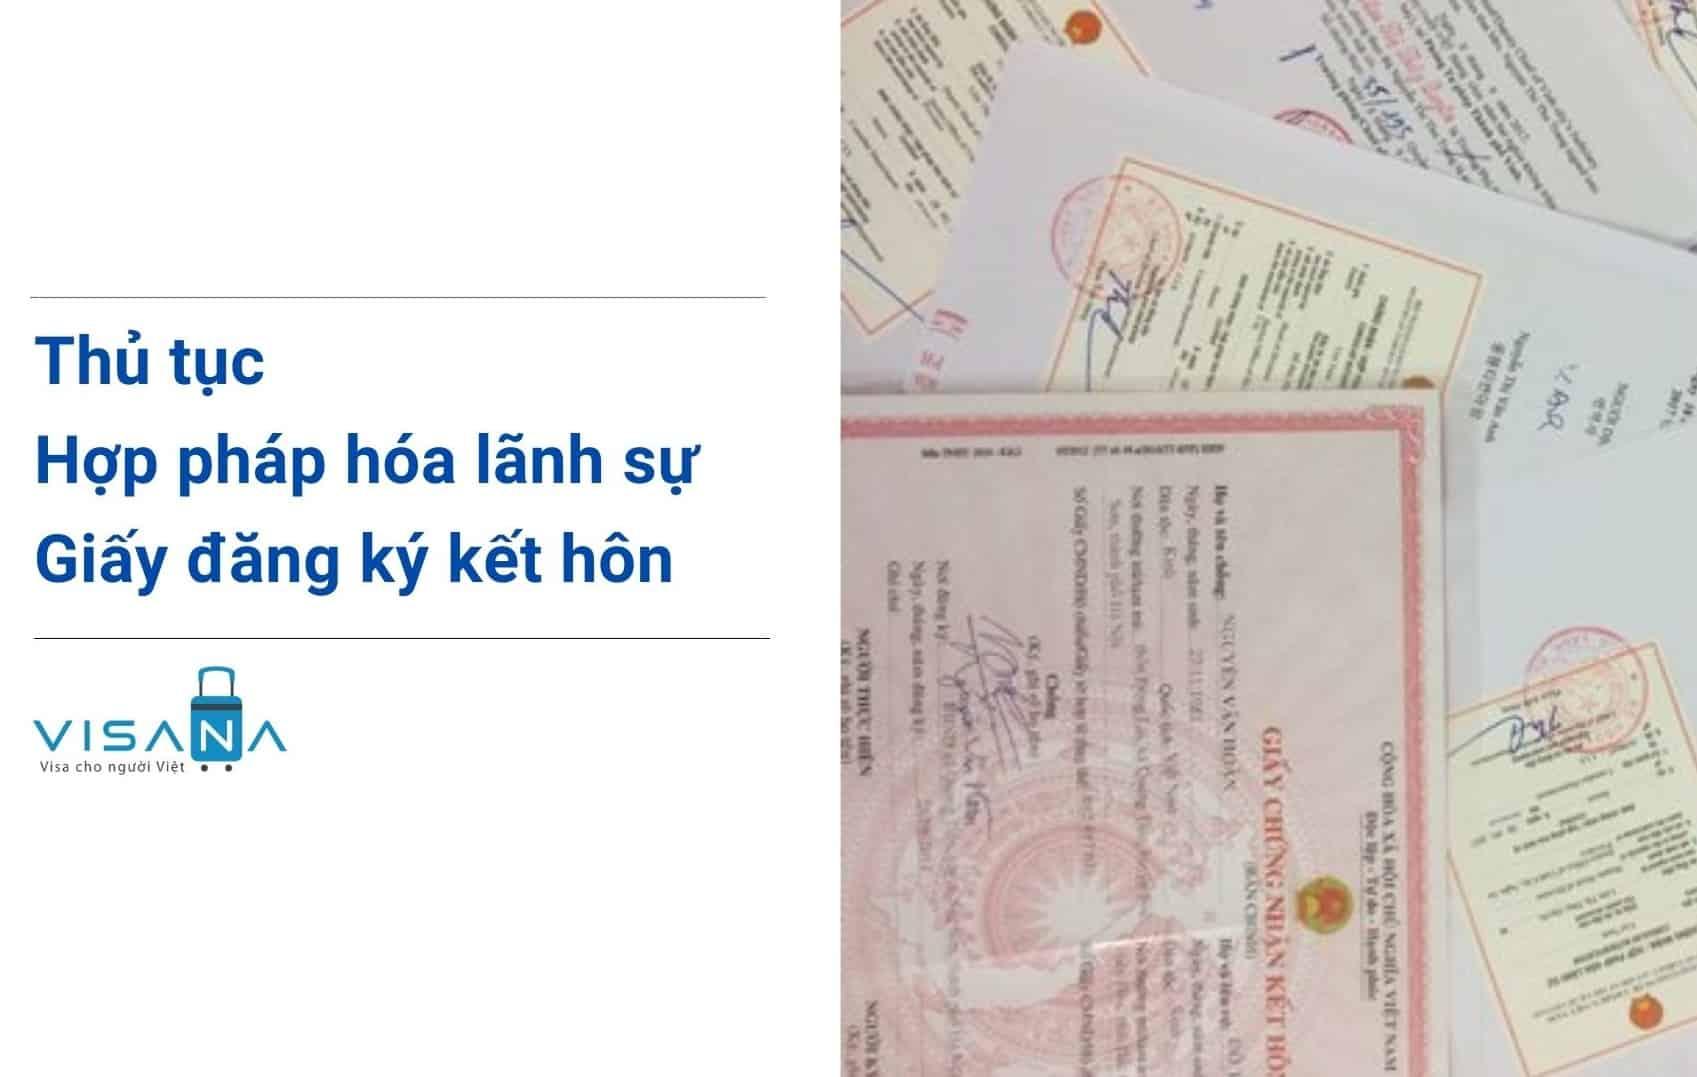 Thủ tục hợp pháp hóa lãnh sự giấy đăng ký kết hôn - VISANA